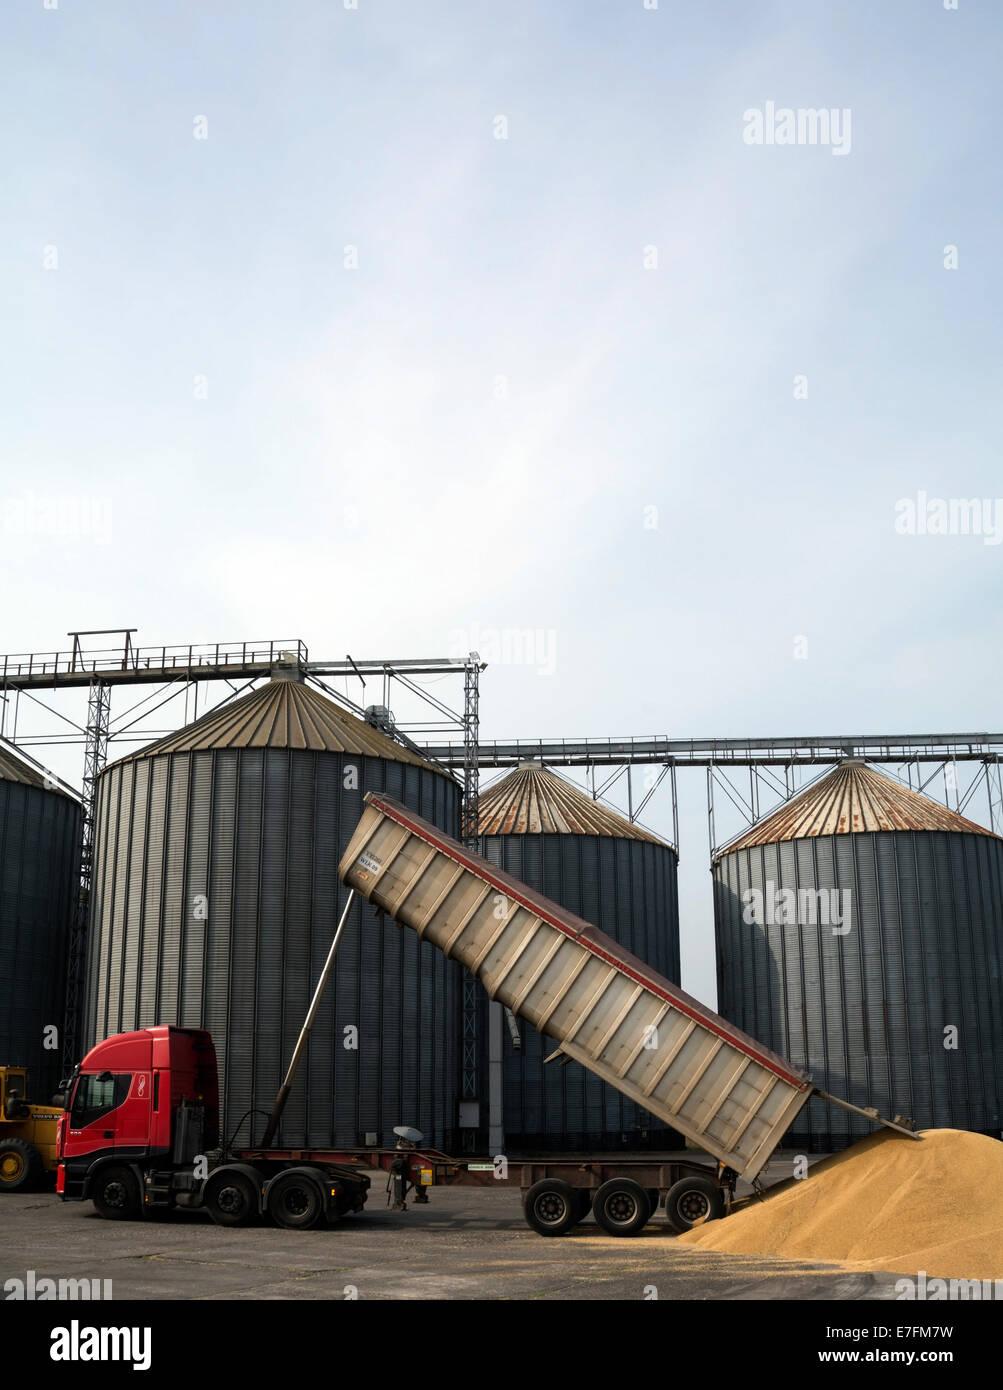 Un massiccio ribaltabile offre grano per deposito e lavorazione, essa è oggetto di dumping all'esterno Immagini Stock